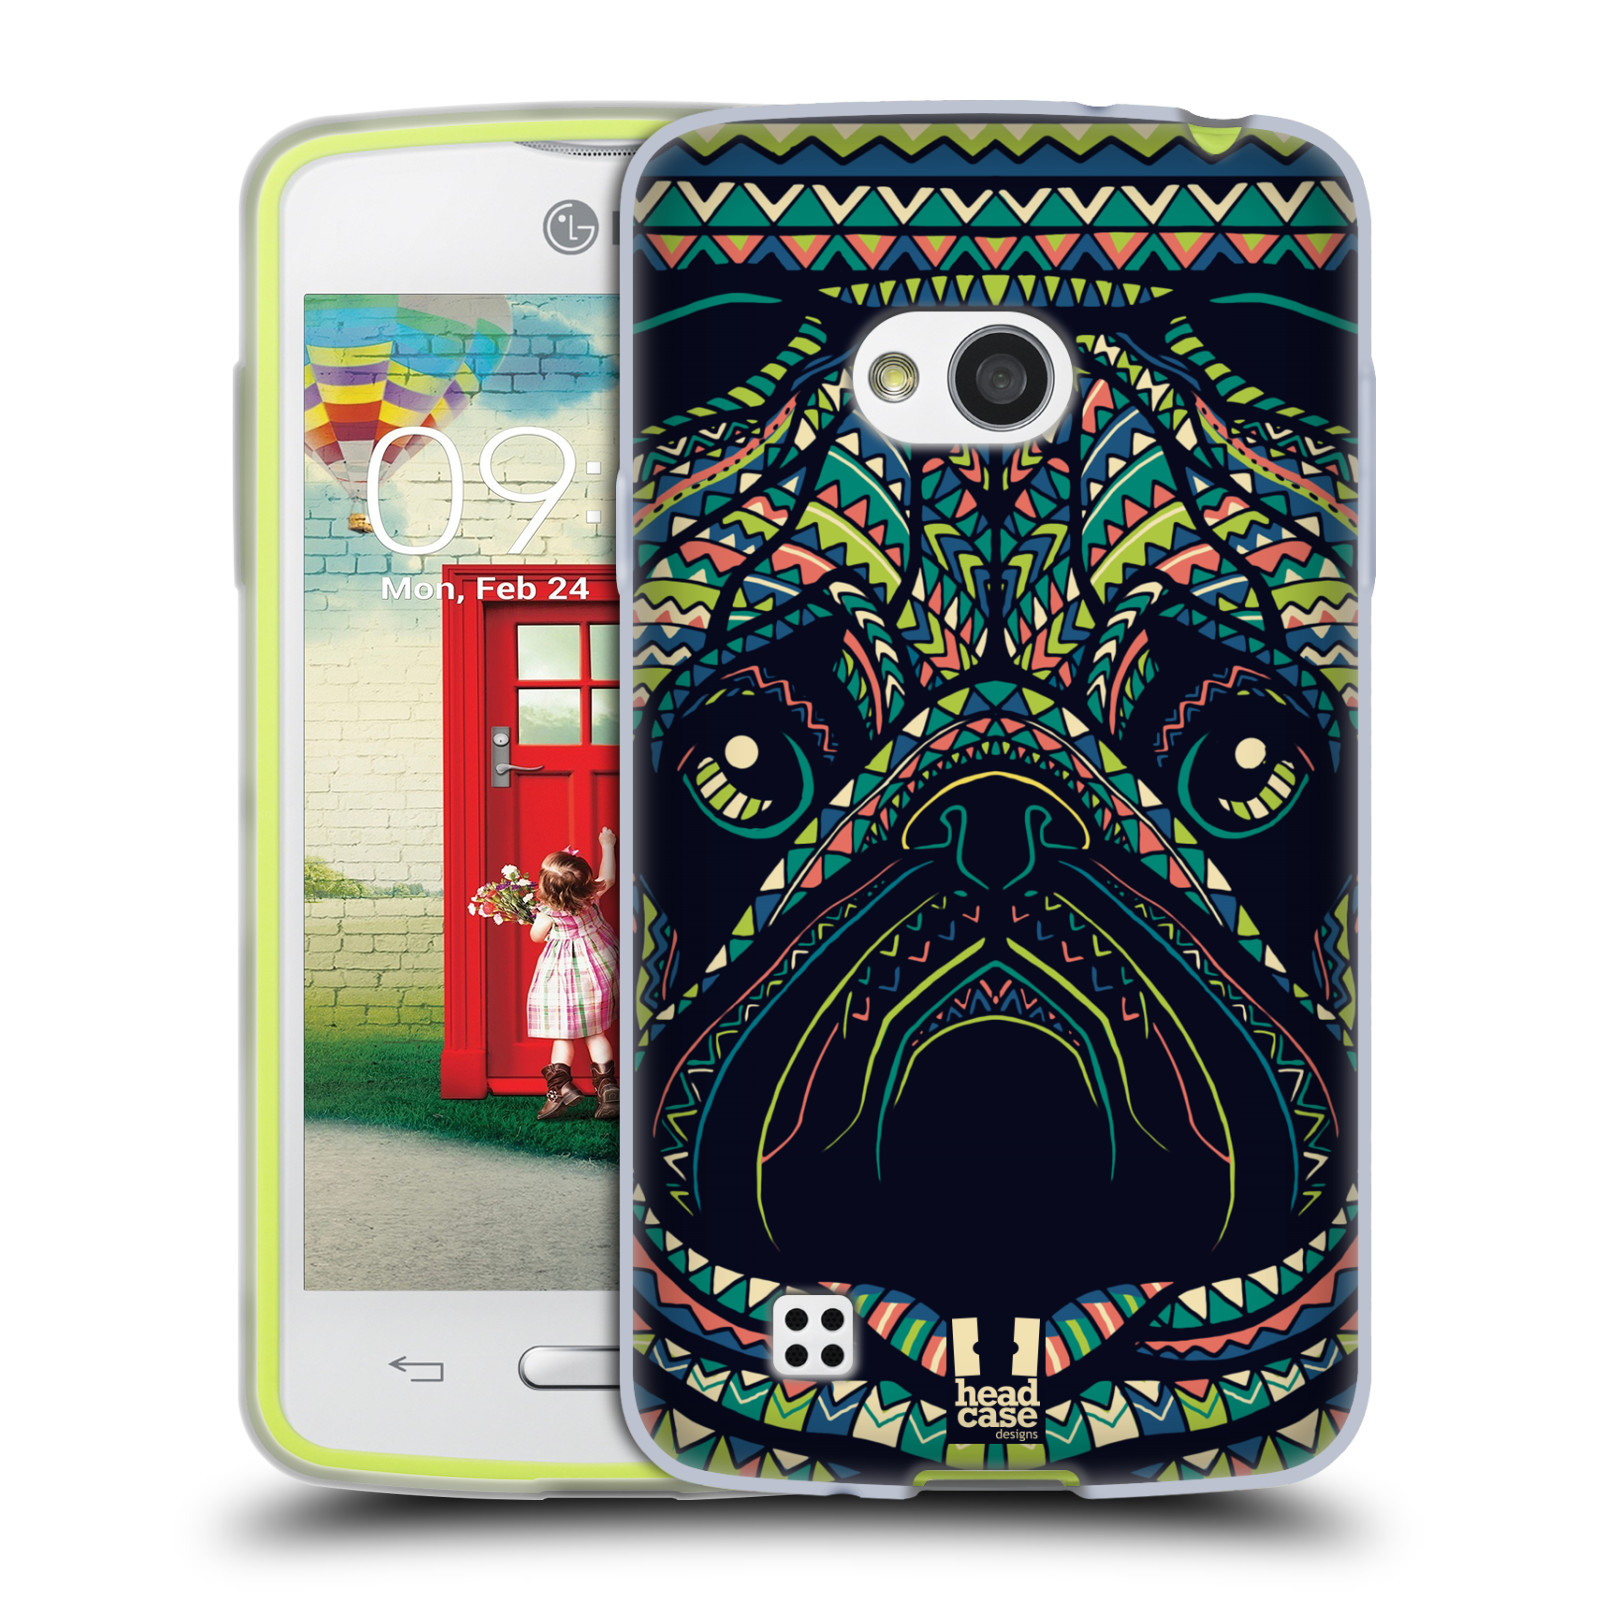 HEAD CASE silikonový obal na mobil LG L50 vzor Aztécký motiv zvíře 3 mopsík